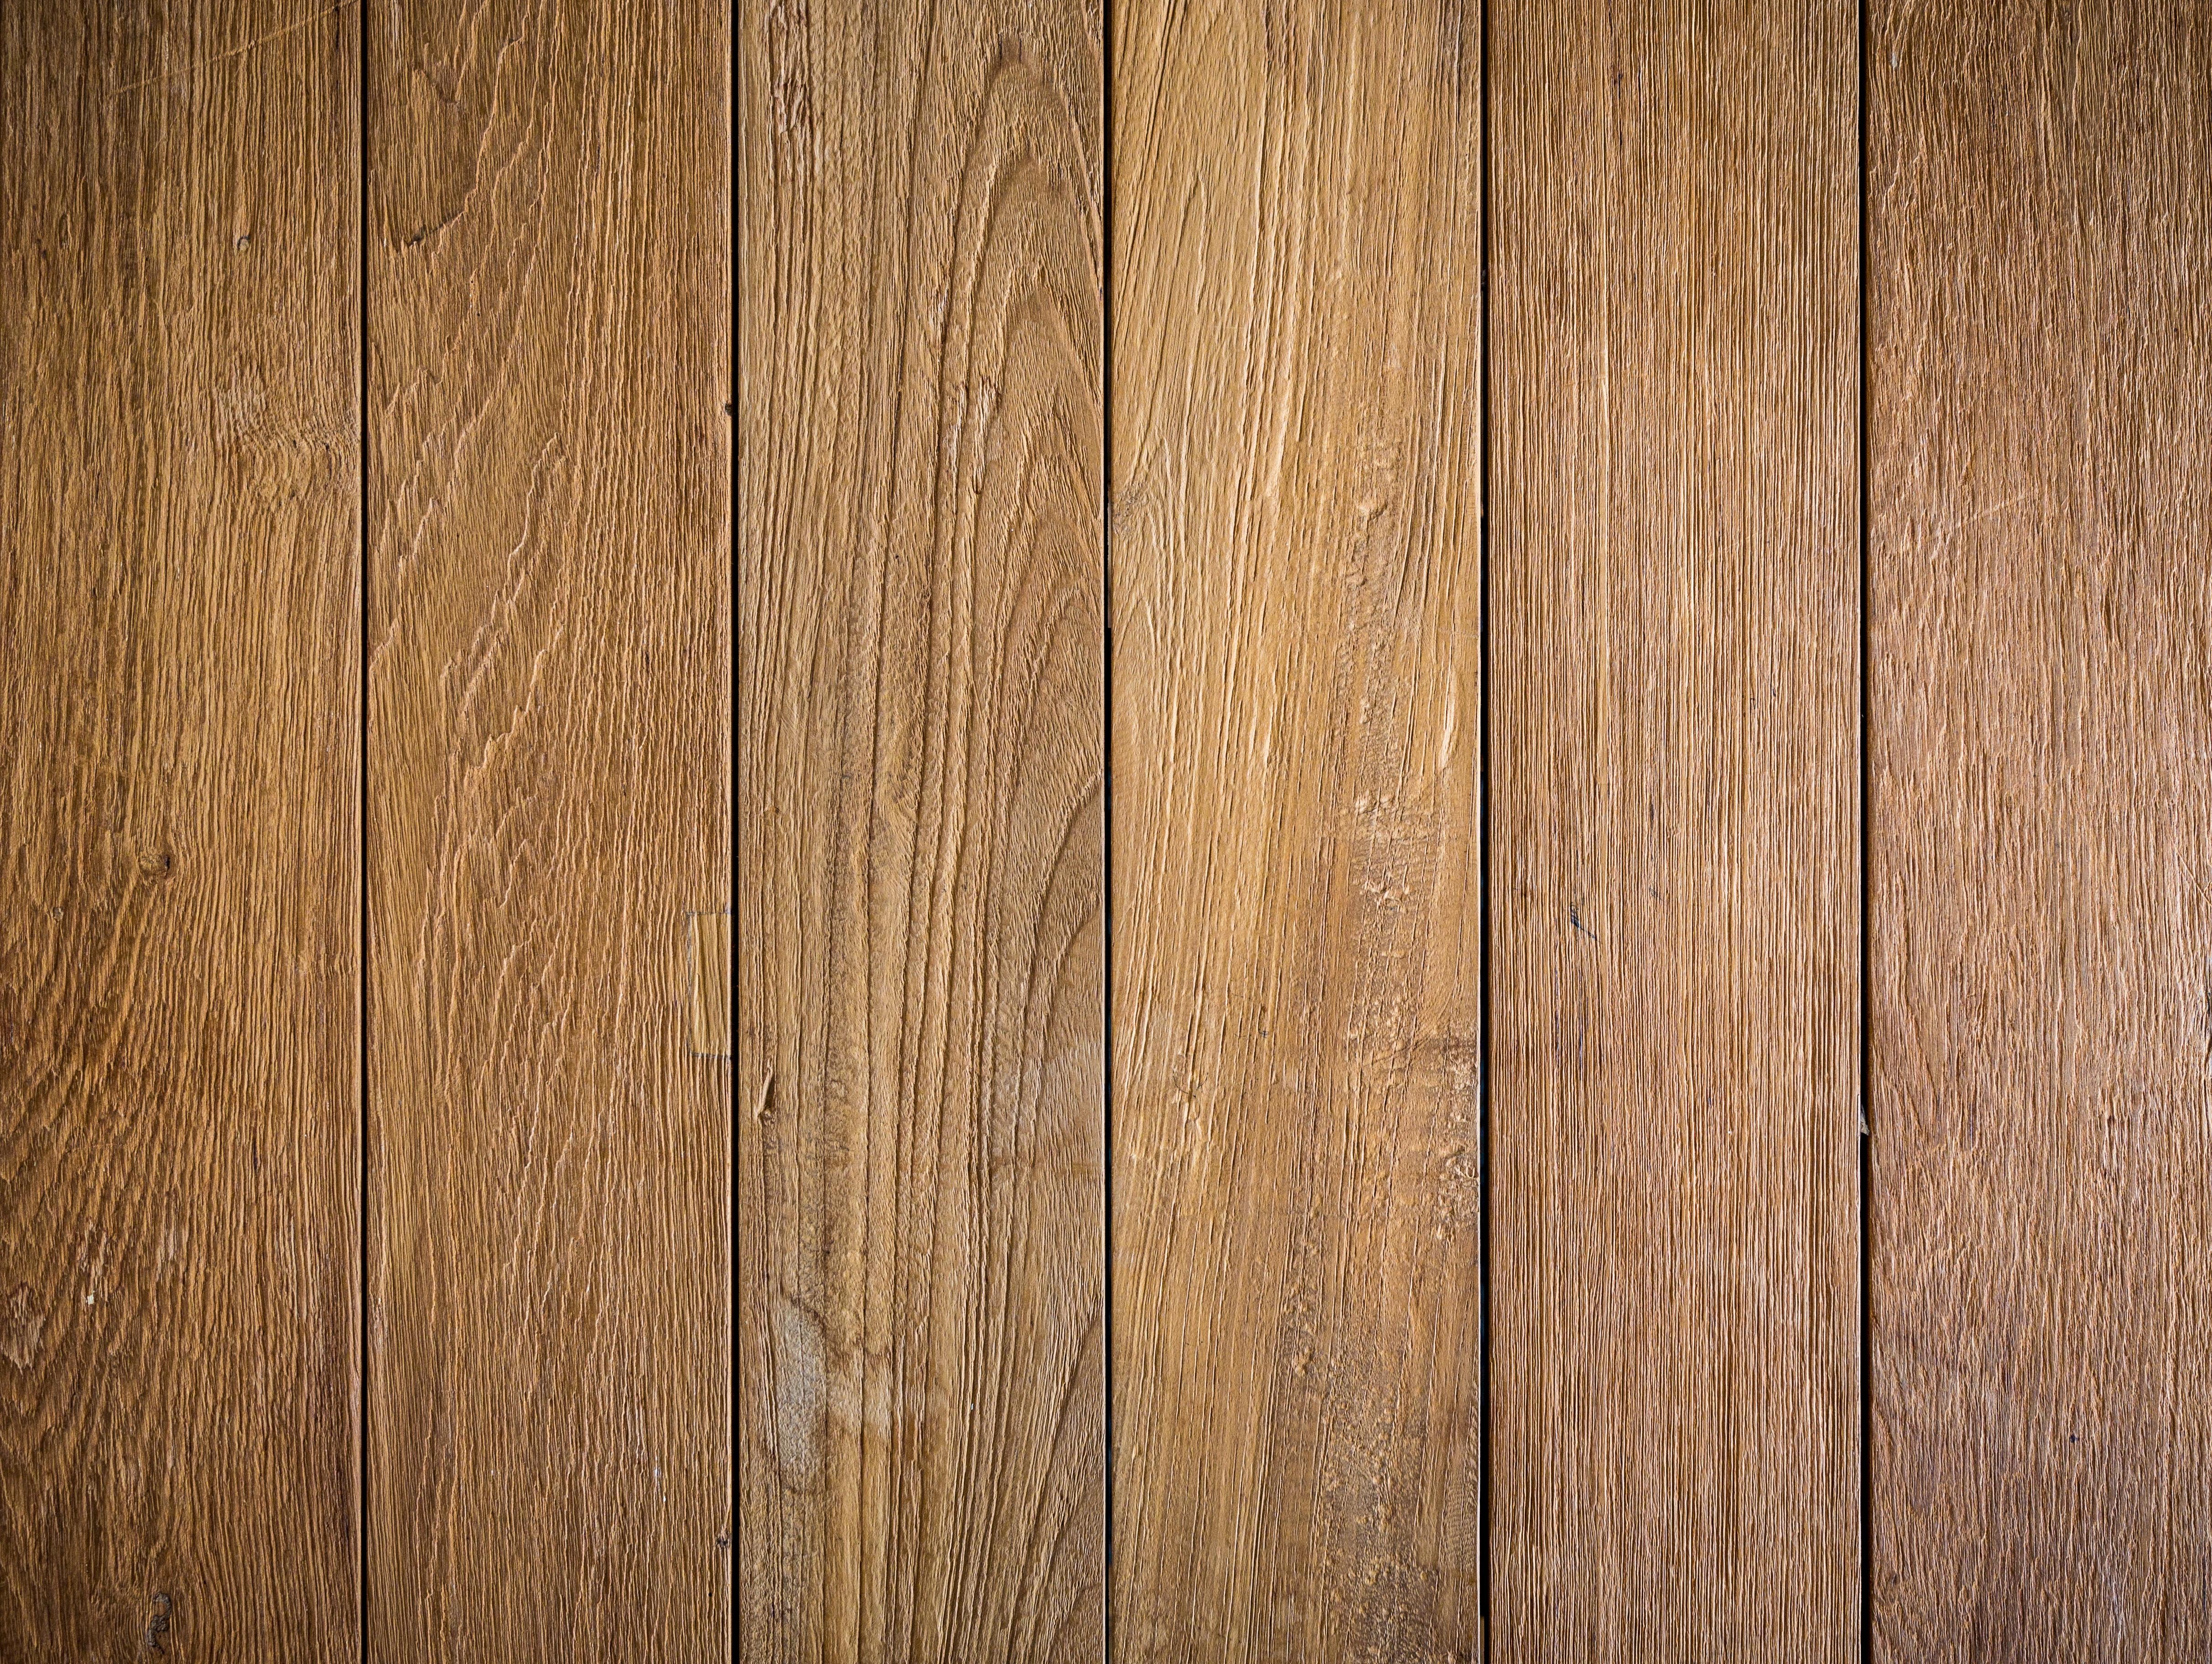 картинки фон деревянный пол после столь откровенного